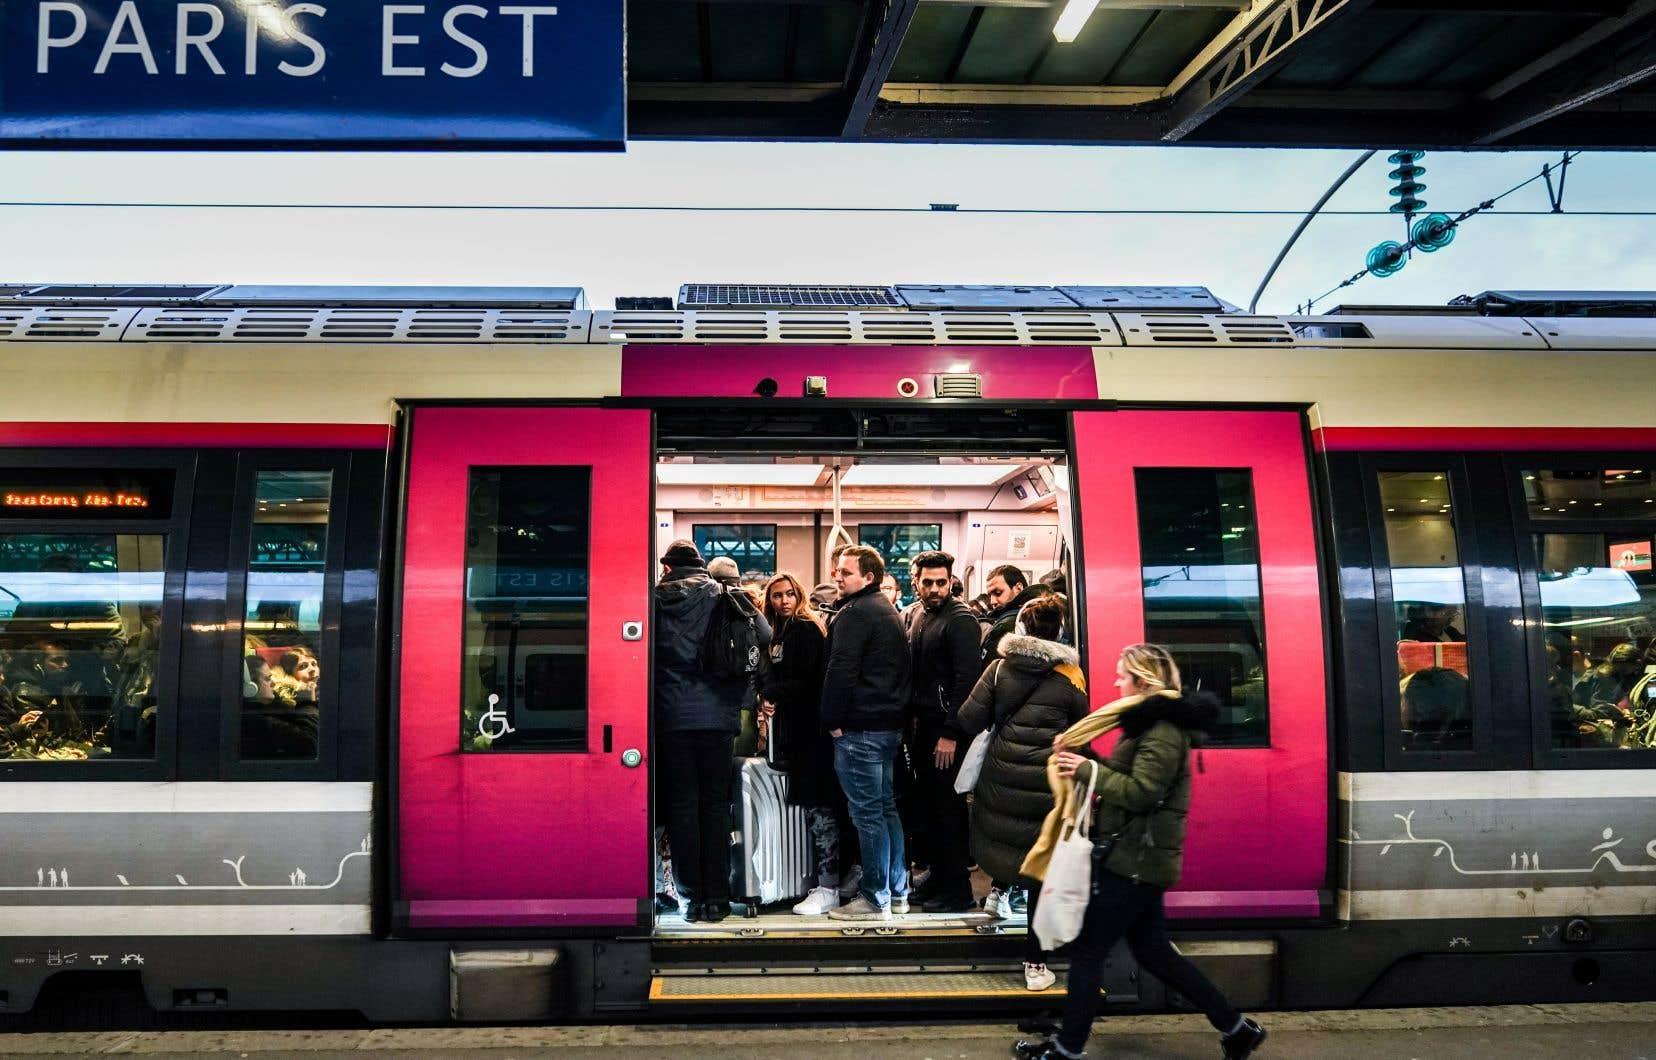 Dans la capitale, la situation est critique pour les usagers des transports avec un trafic ferroviaire «très perturbé».